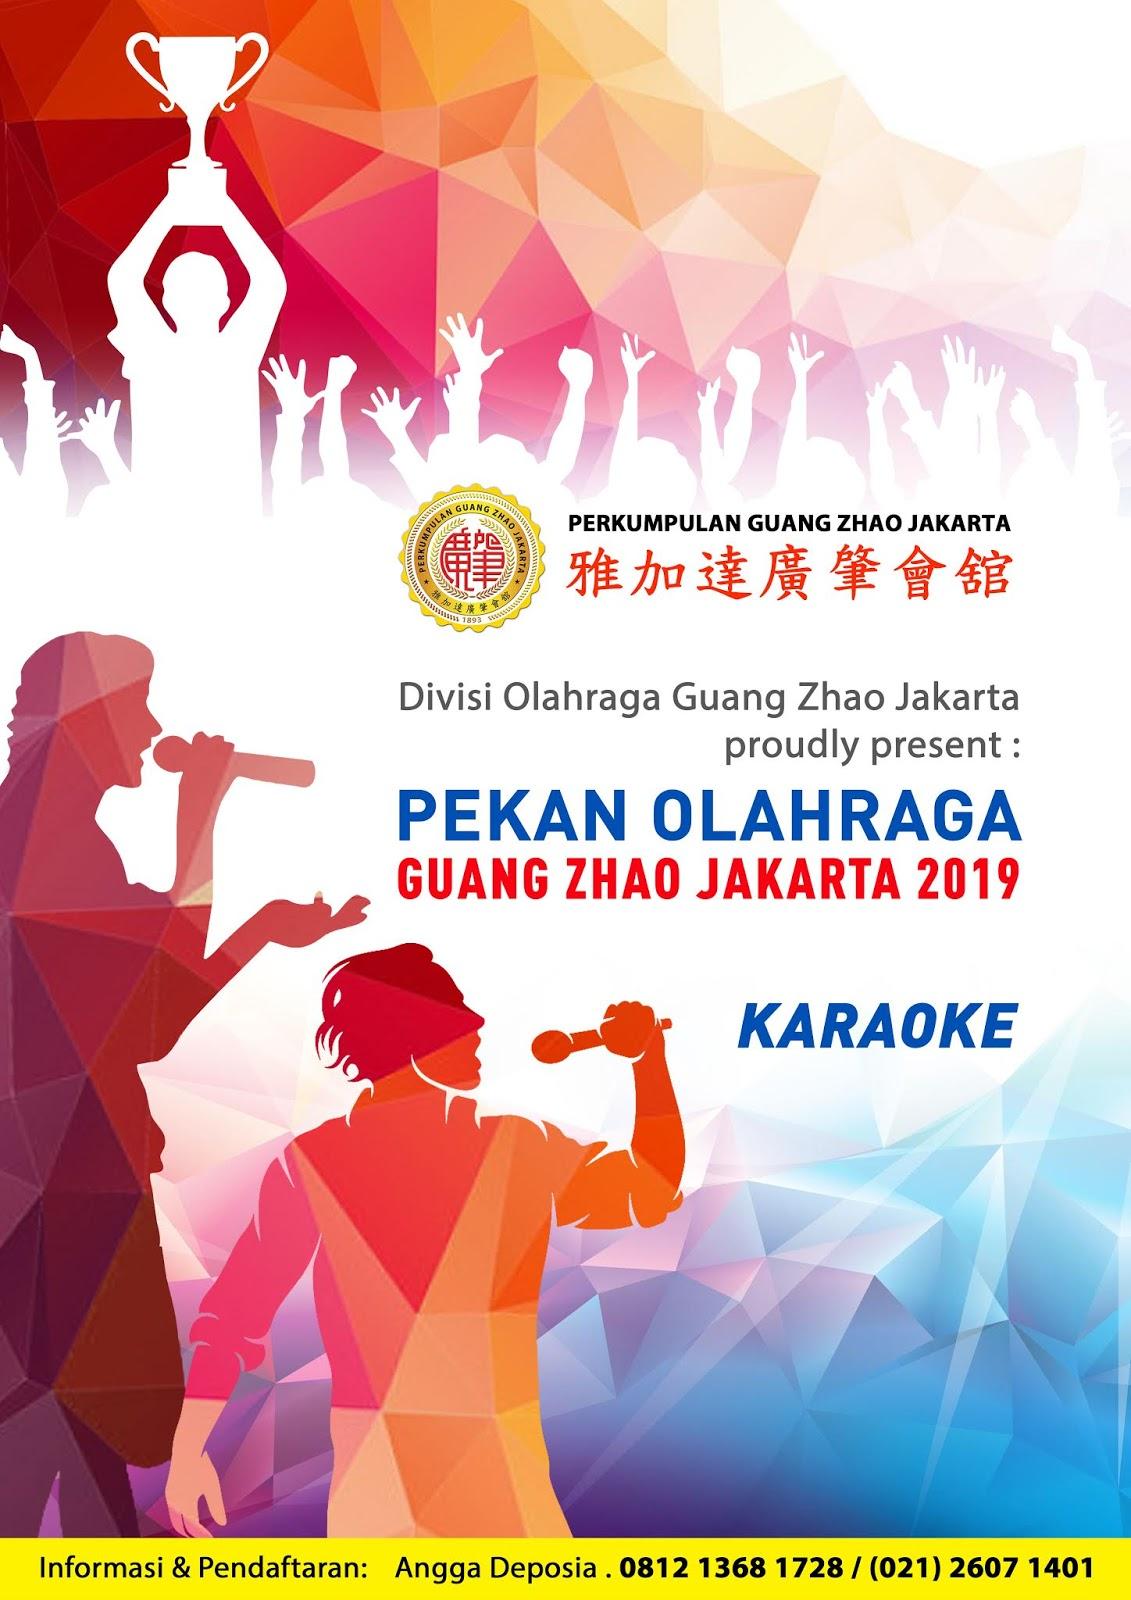 Karaoke Por Gzj 2019 Theinigo Com